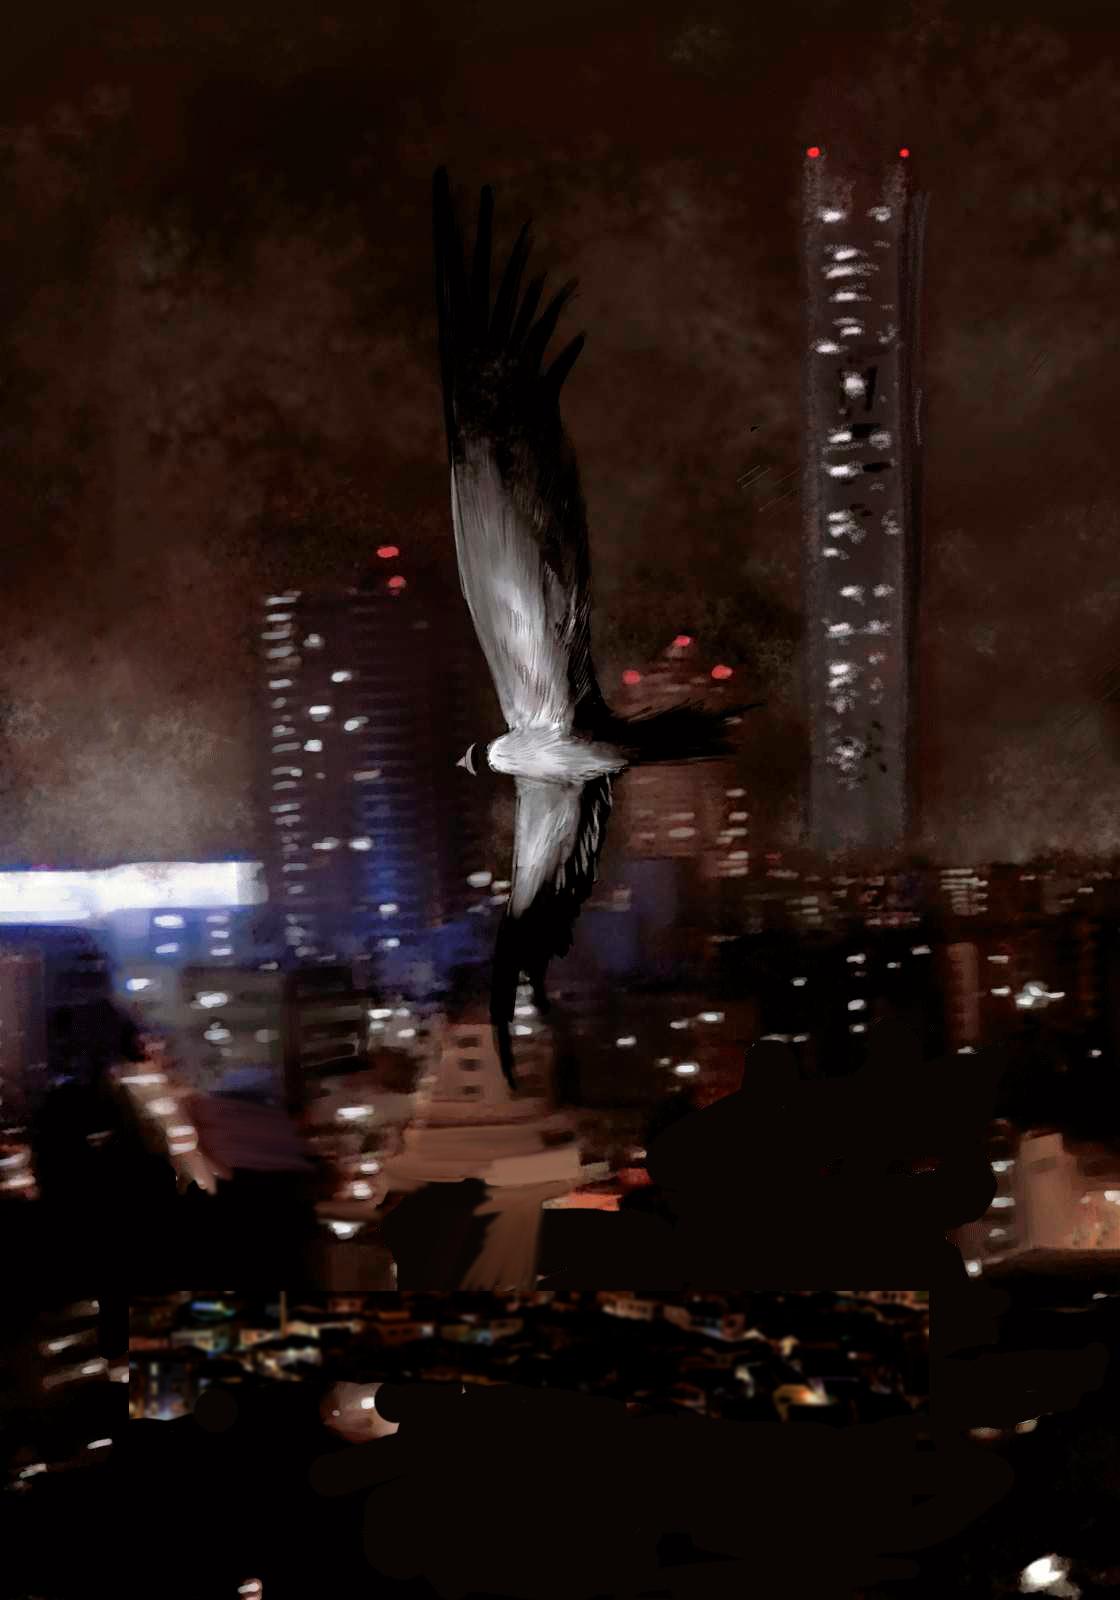 Вавилон: небесное погребение, Сhousou no baberu, 鳥葬のバベル